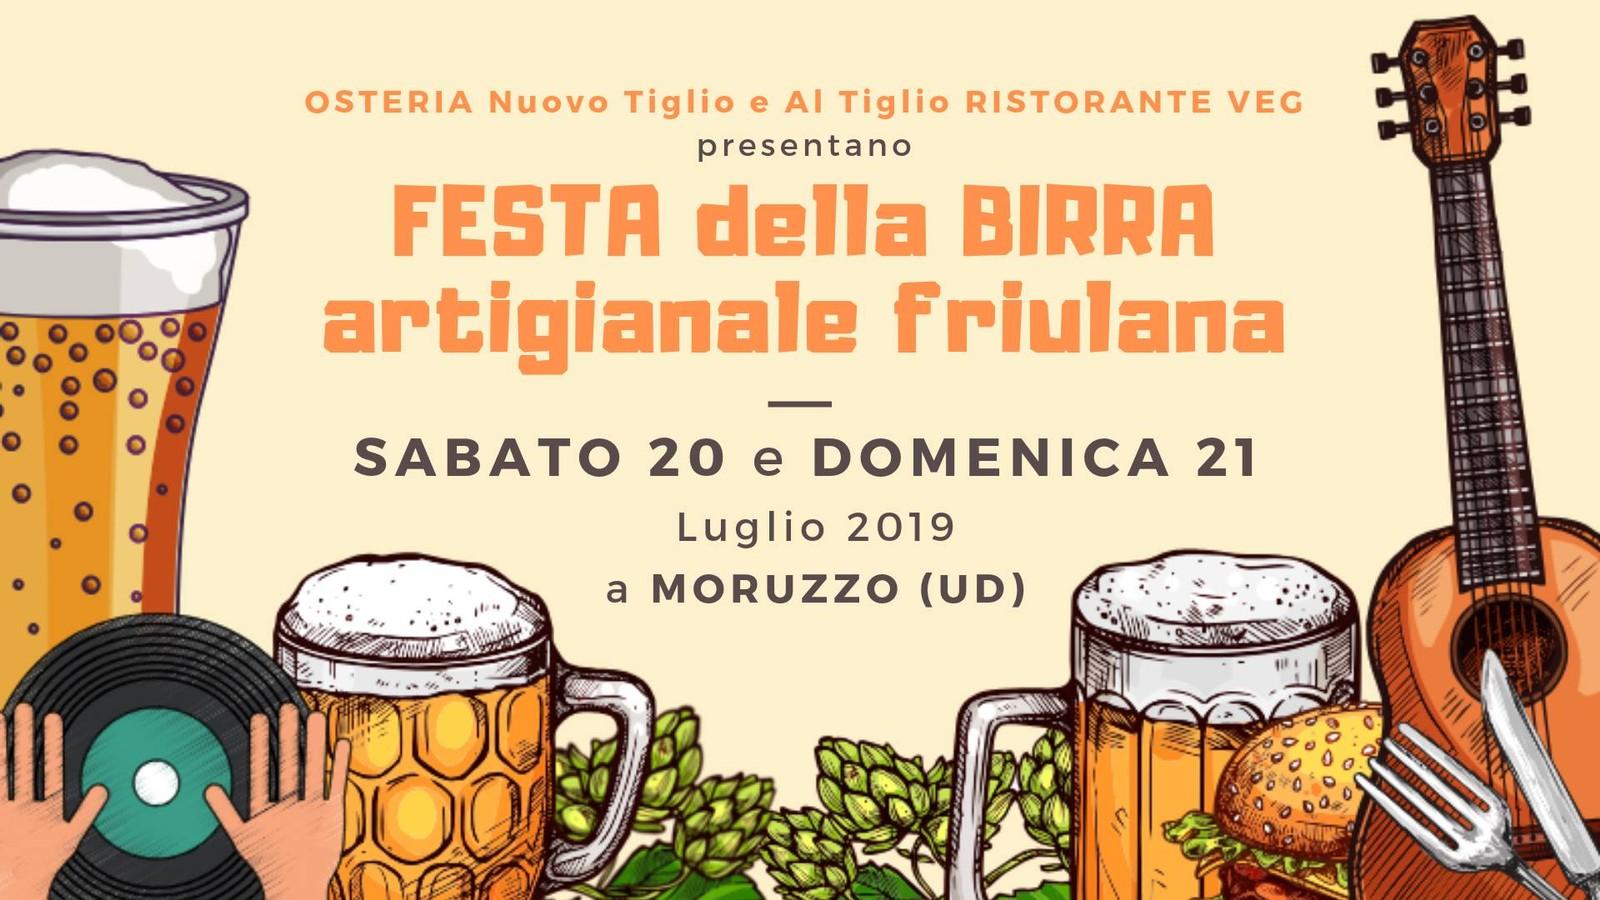 2^ FESTA DELLA BIRRA artigianale friulana • Al Tiglio di Moruzzo UD